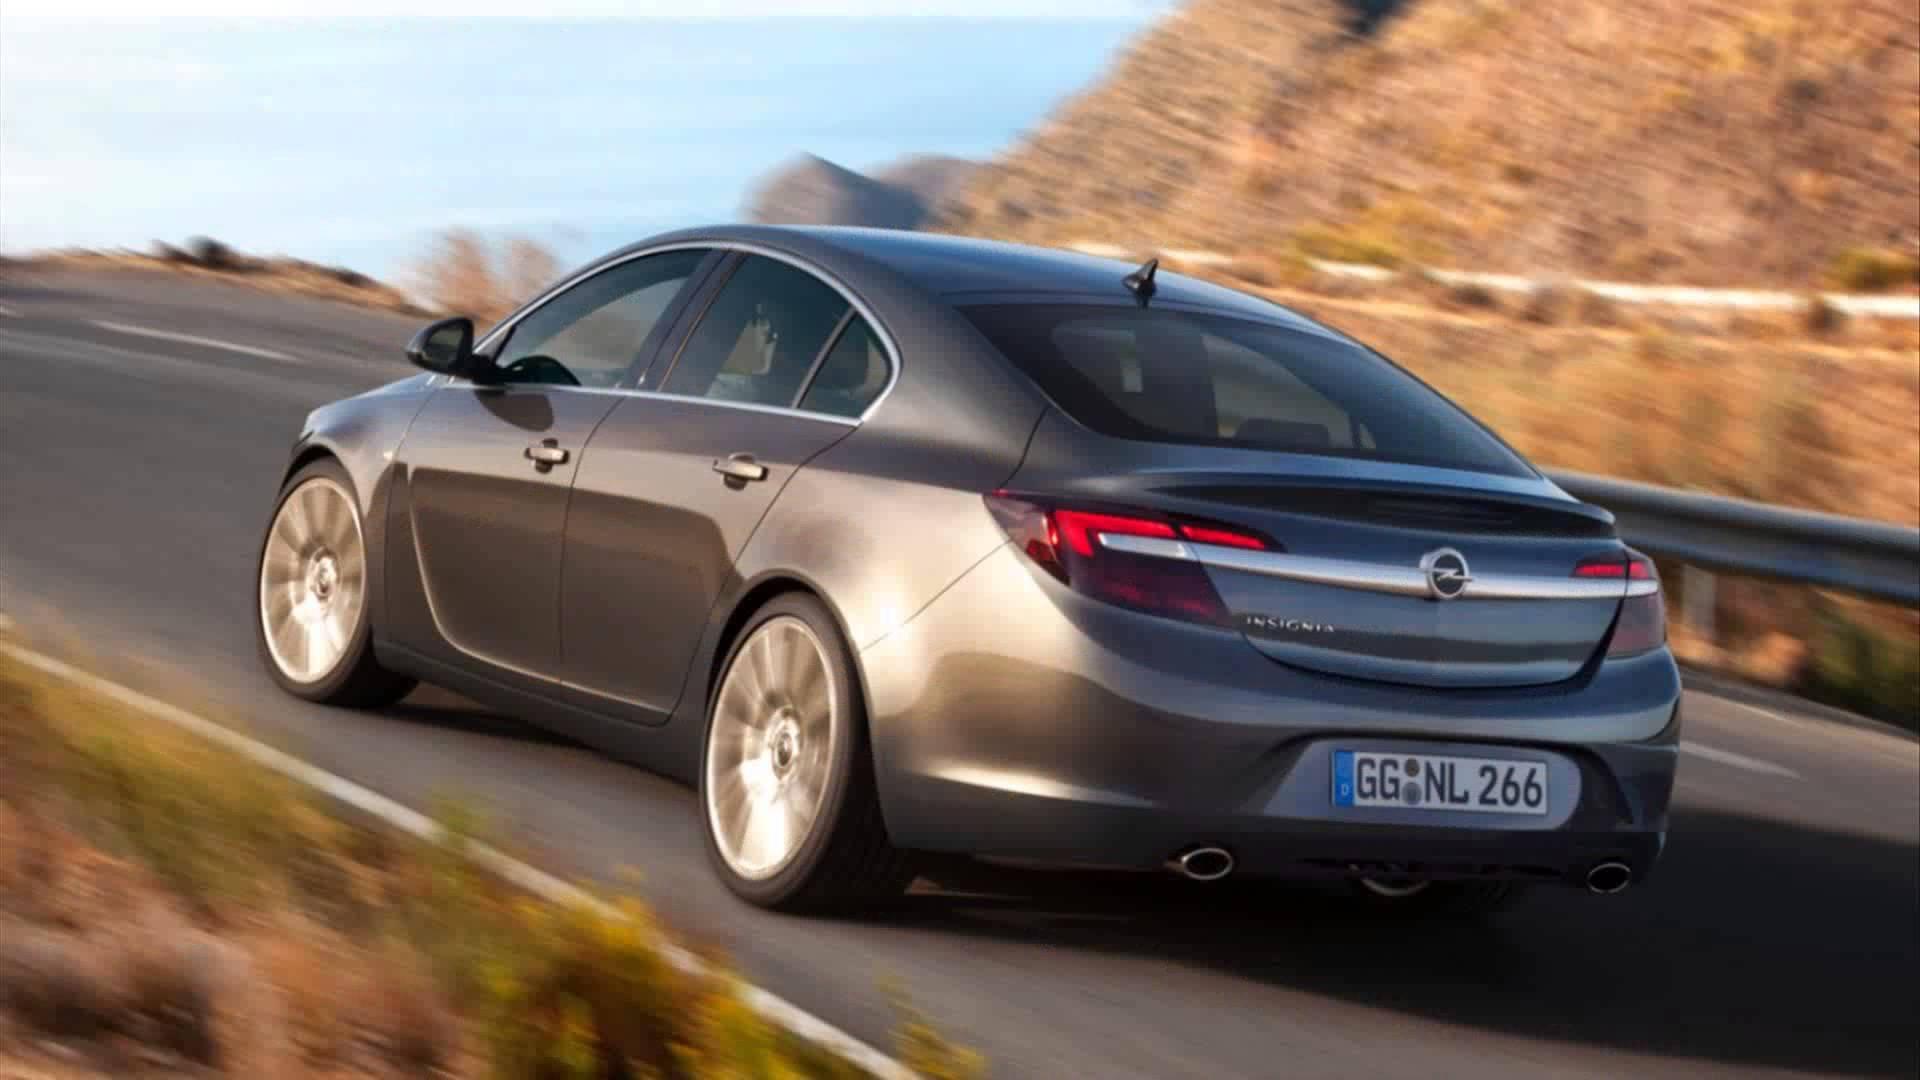 2015 Opel Insignia Ekim Fiyatlari Uygun Tasit